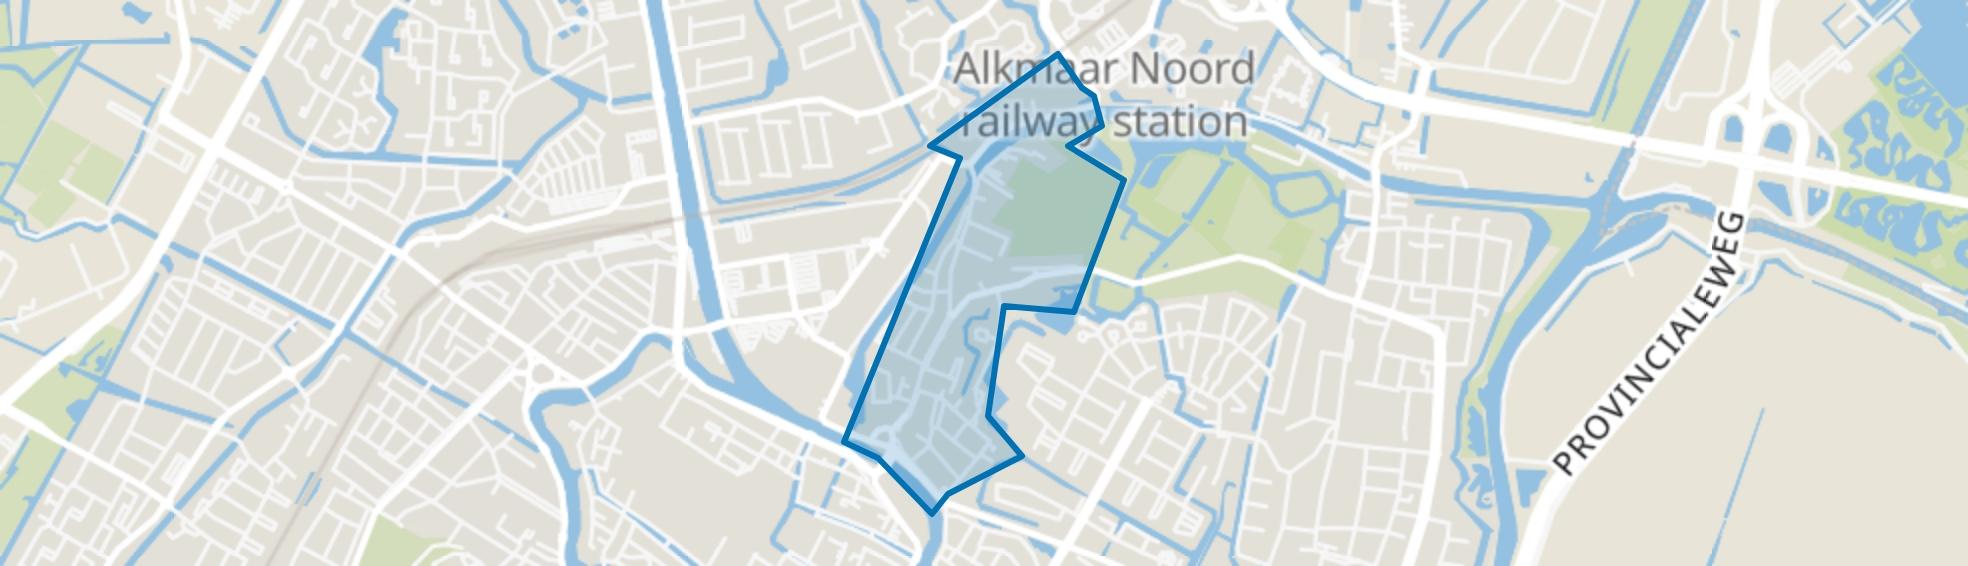 Rekerbuurt en Ooievaarsnest, Alkmaar map